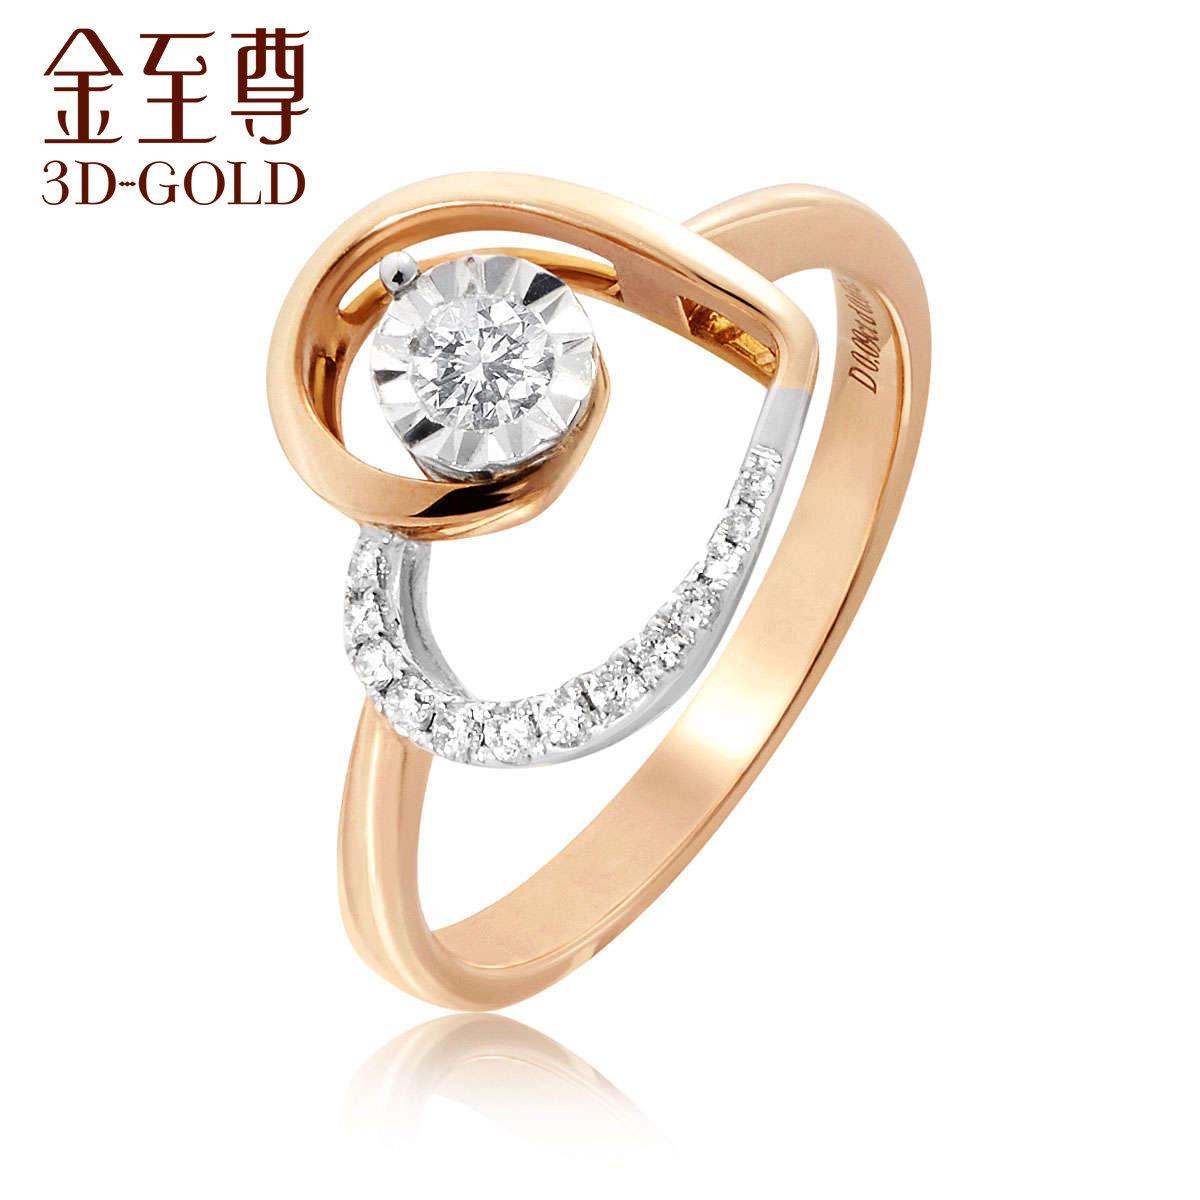 18K/750金(白色/紅色)鑲鑽石戒指